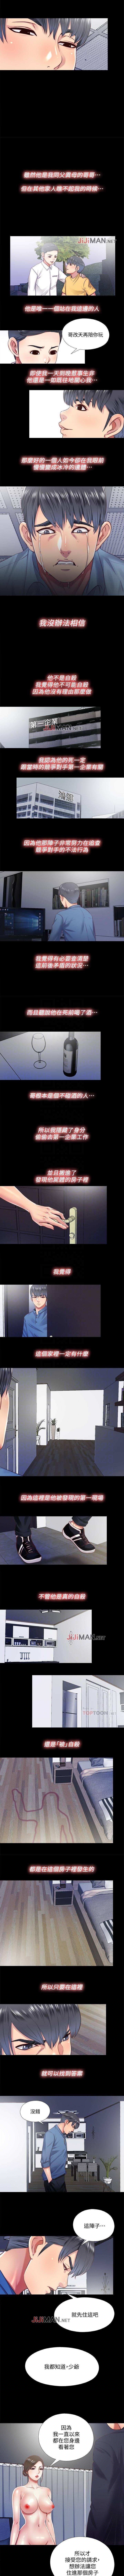 【已完结】同居捉迷藏(作者:林巨星) 第1~30话 53